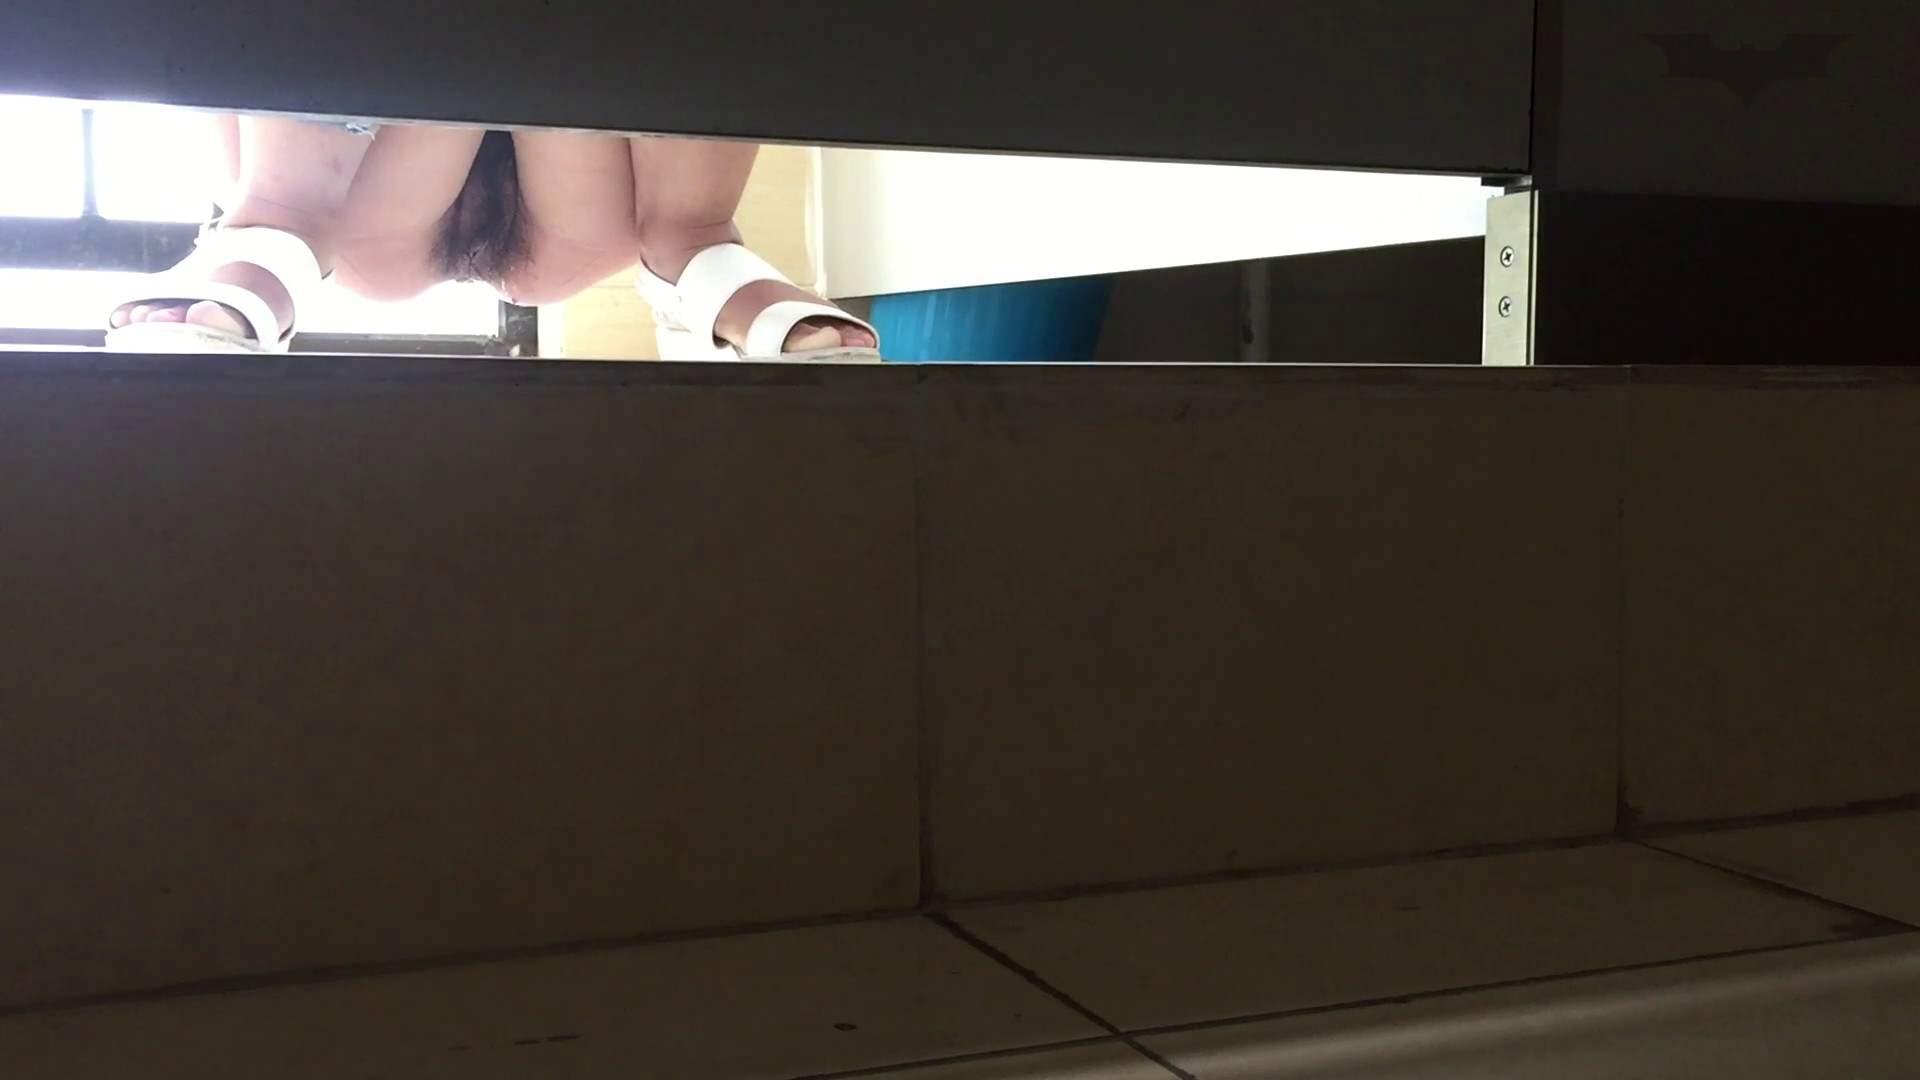 JD盗撮 美女の洗面所の秘密 Vol.66 盗撮エロすぎ | トイレ中  43連発 34